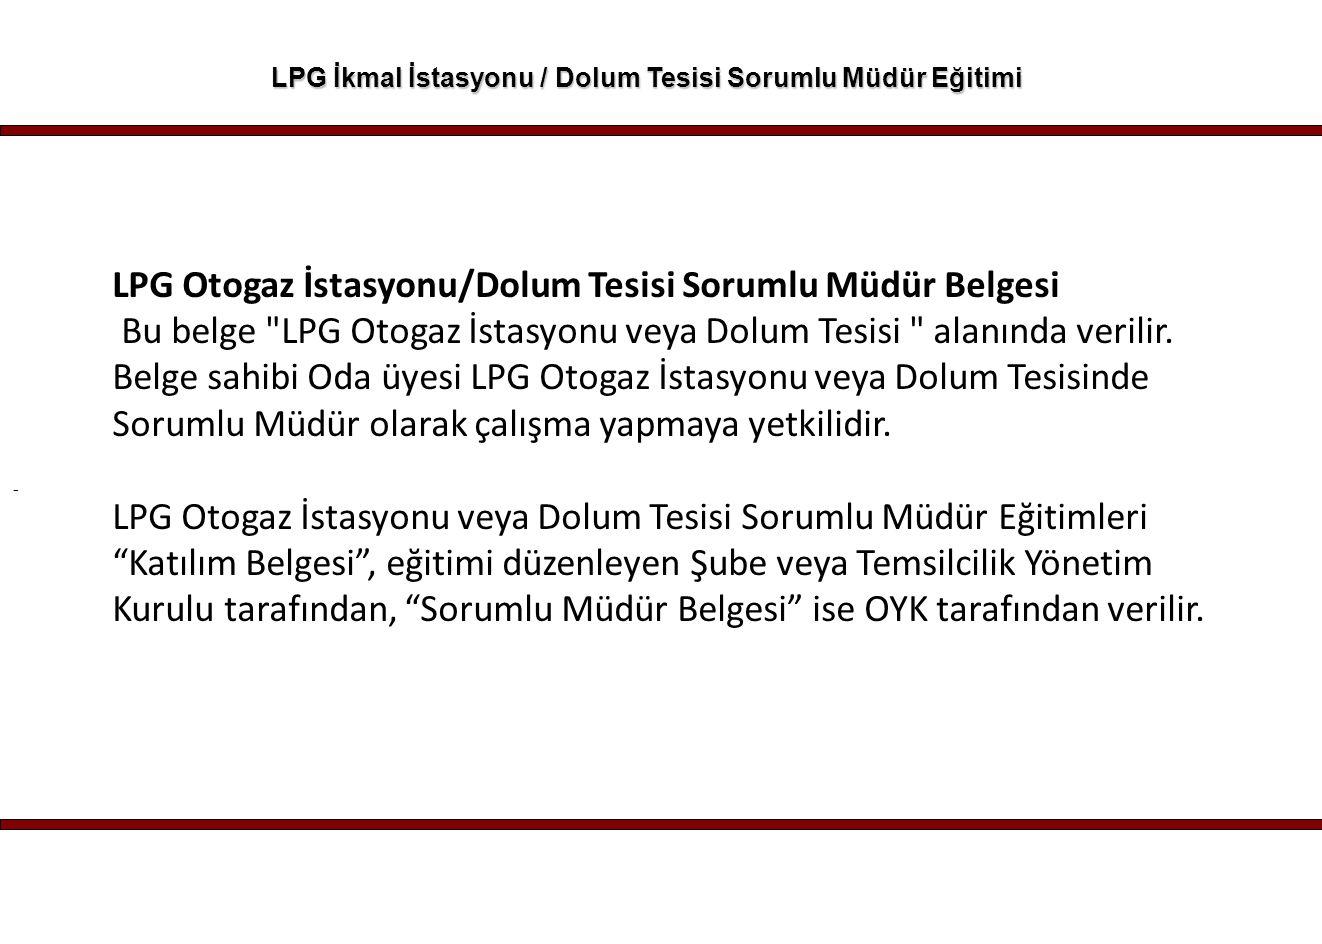 - LPG İkmal İstasyonu / Dolum Tesisi Sorumlu Müdür Eğitimi LPG Otogaz İstasyonu/Dolum Tesisi Sorumlu Müdür Belgesi Bu belge